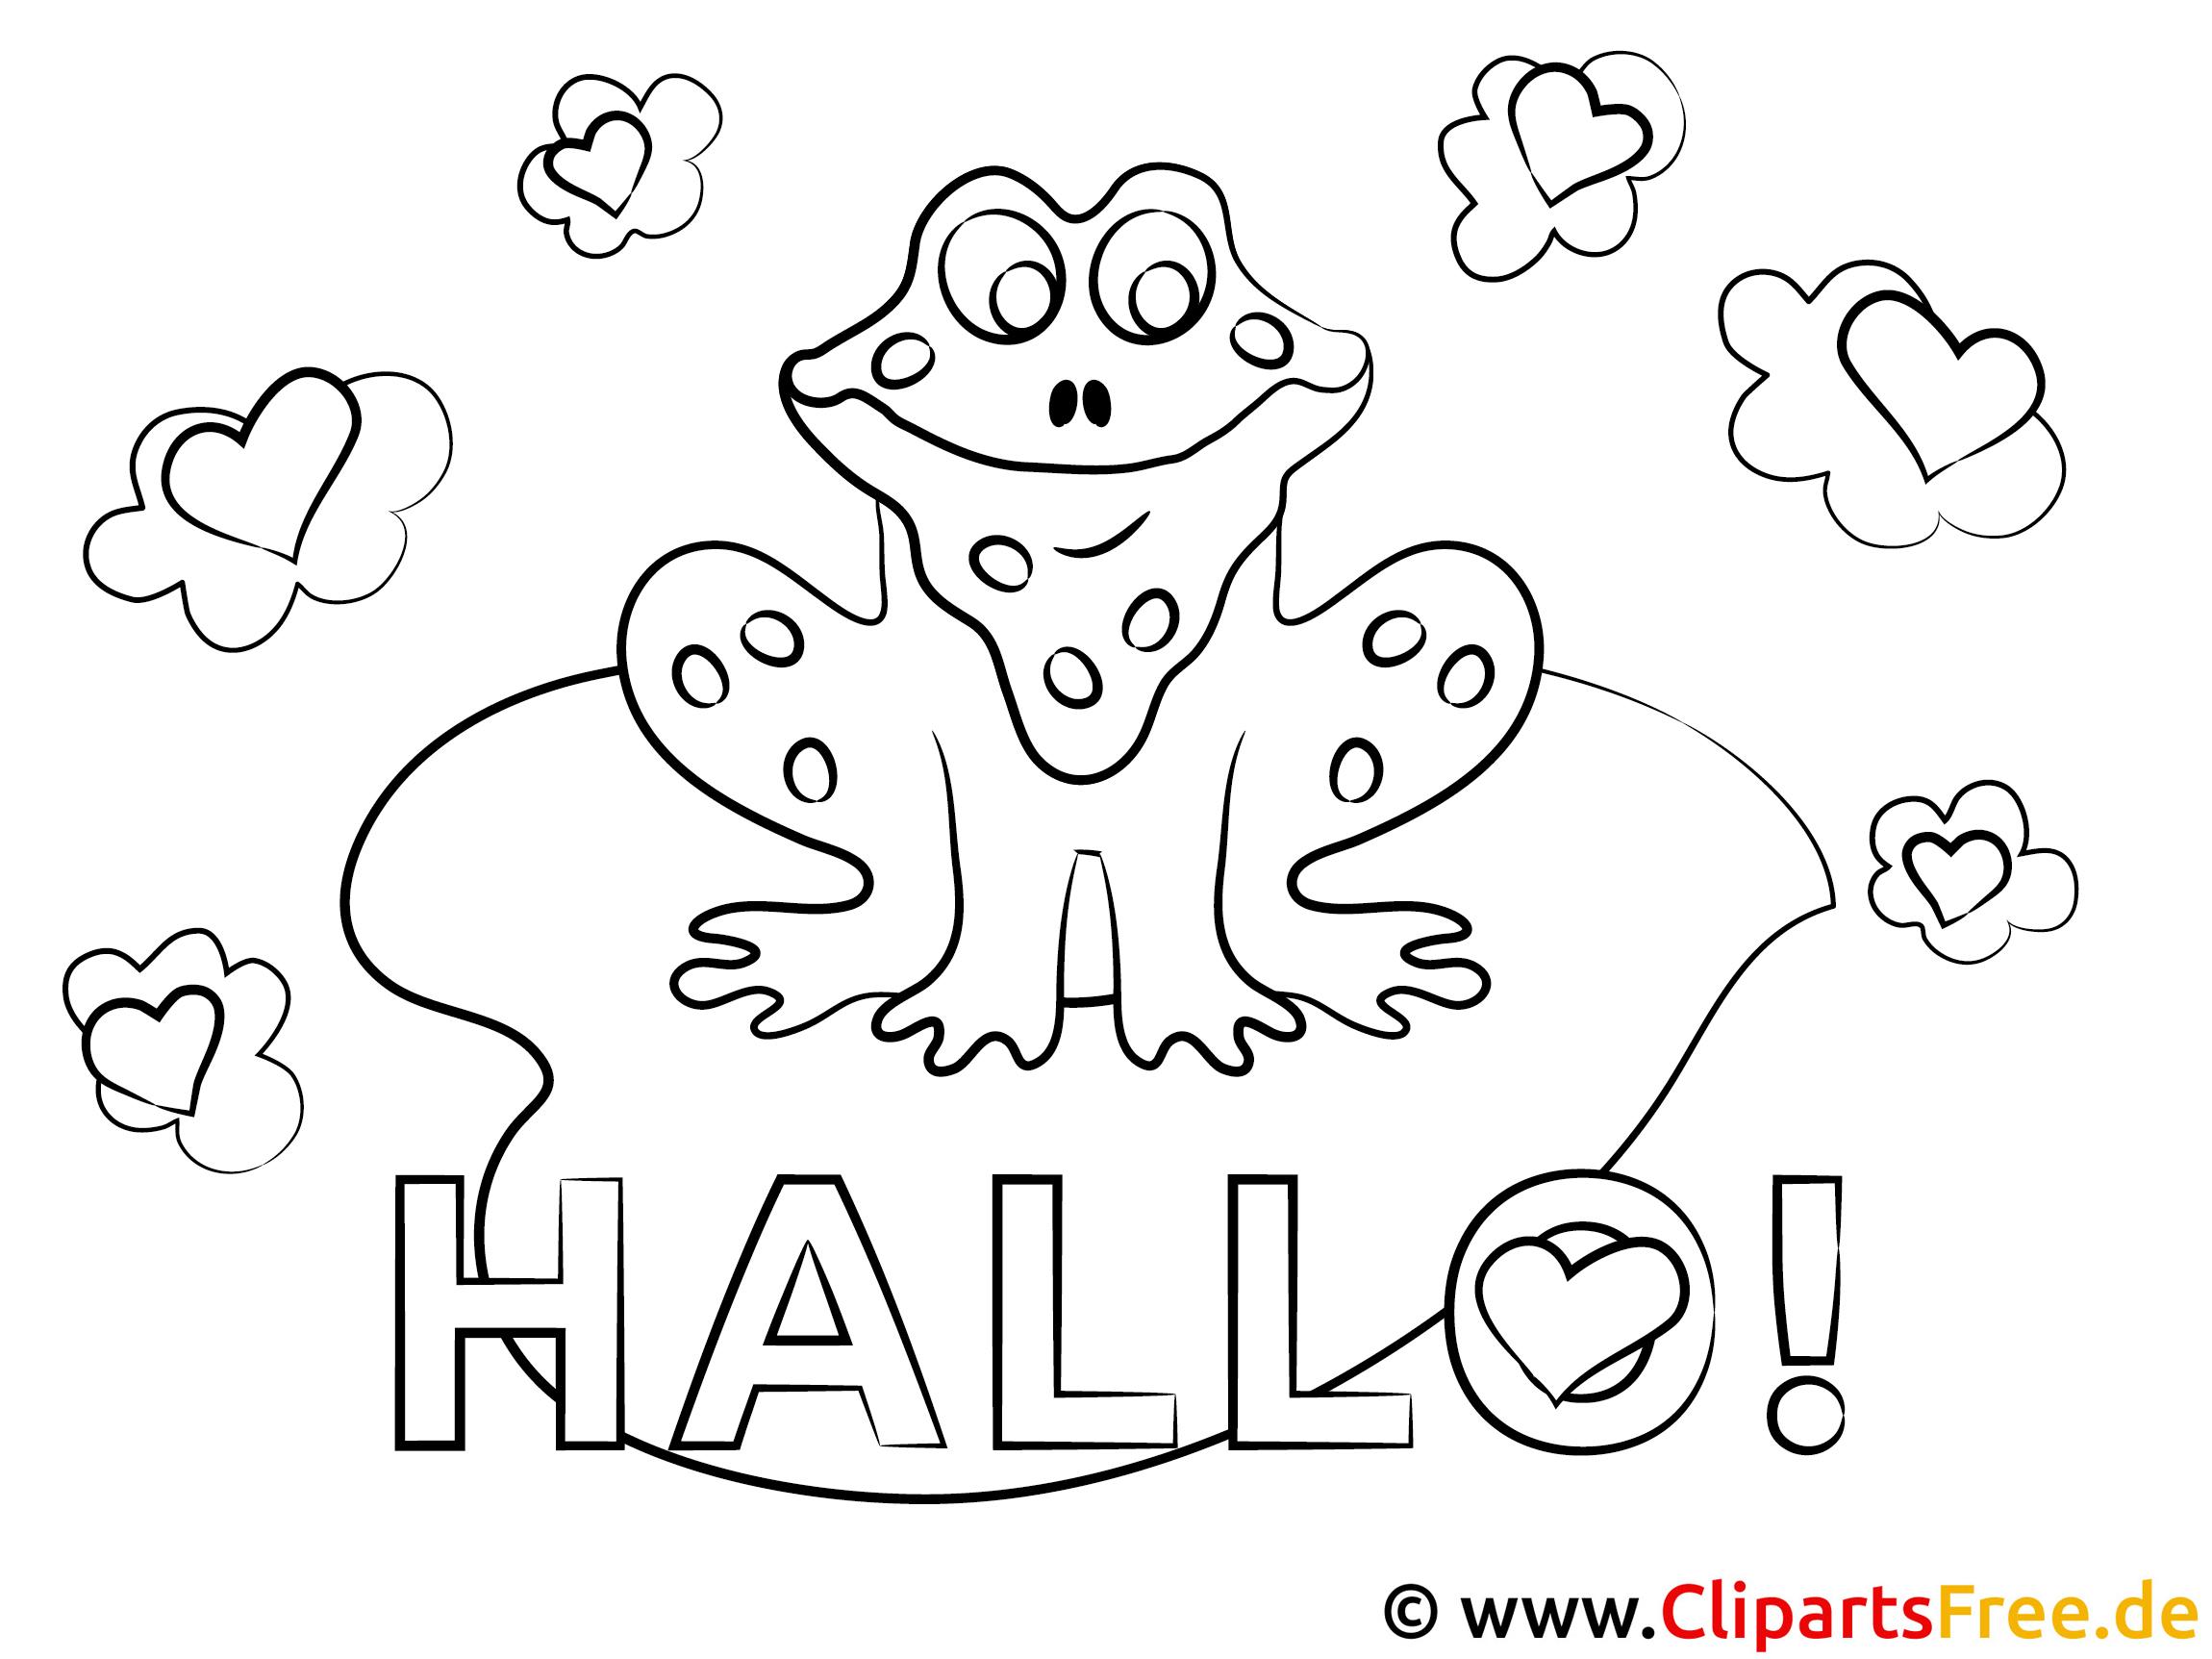 Frosch hallo ausmalbilder fr kinder kostenlos ausdrucken thecheapjerseys Images